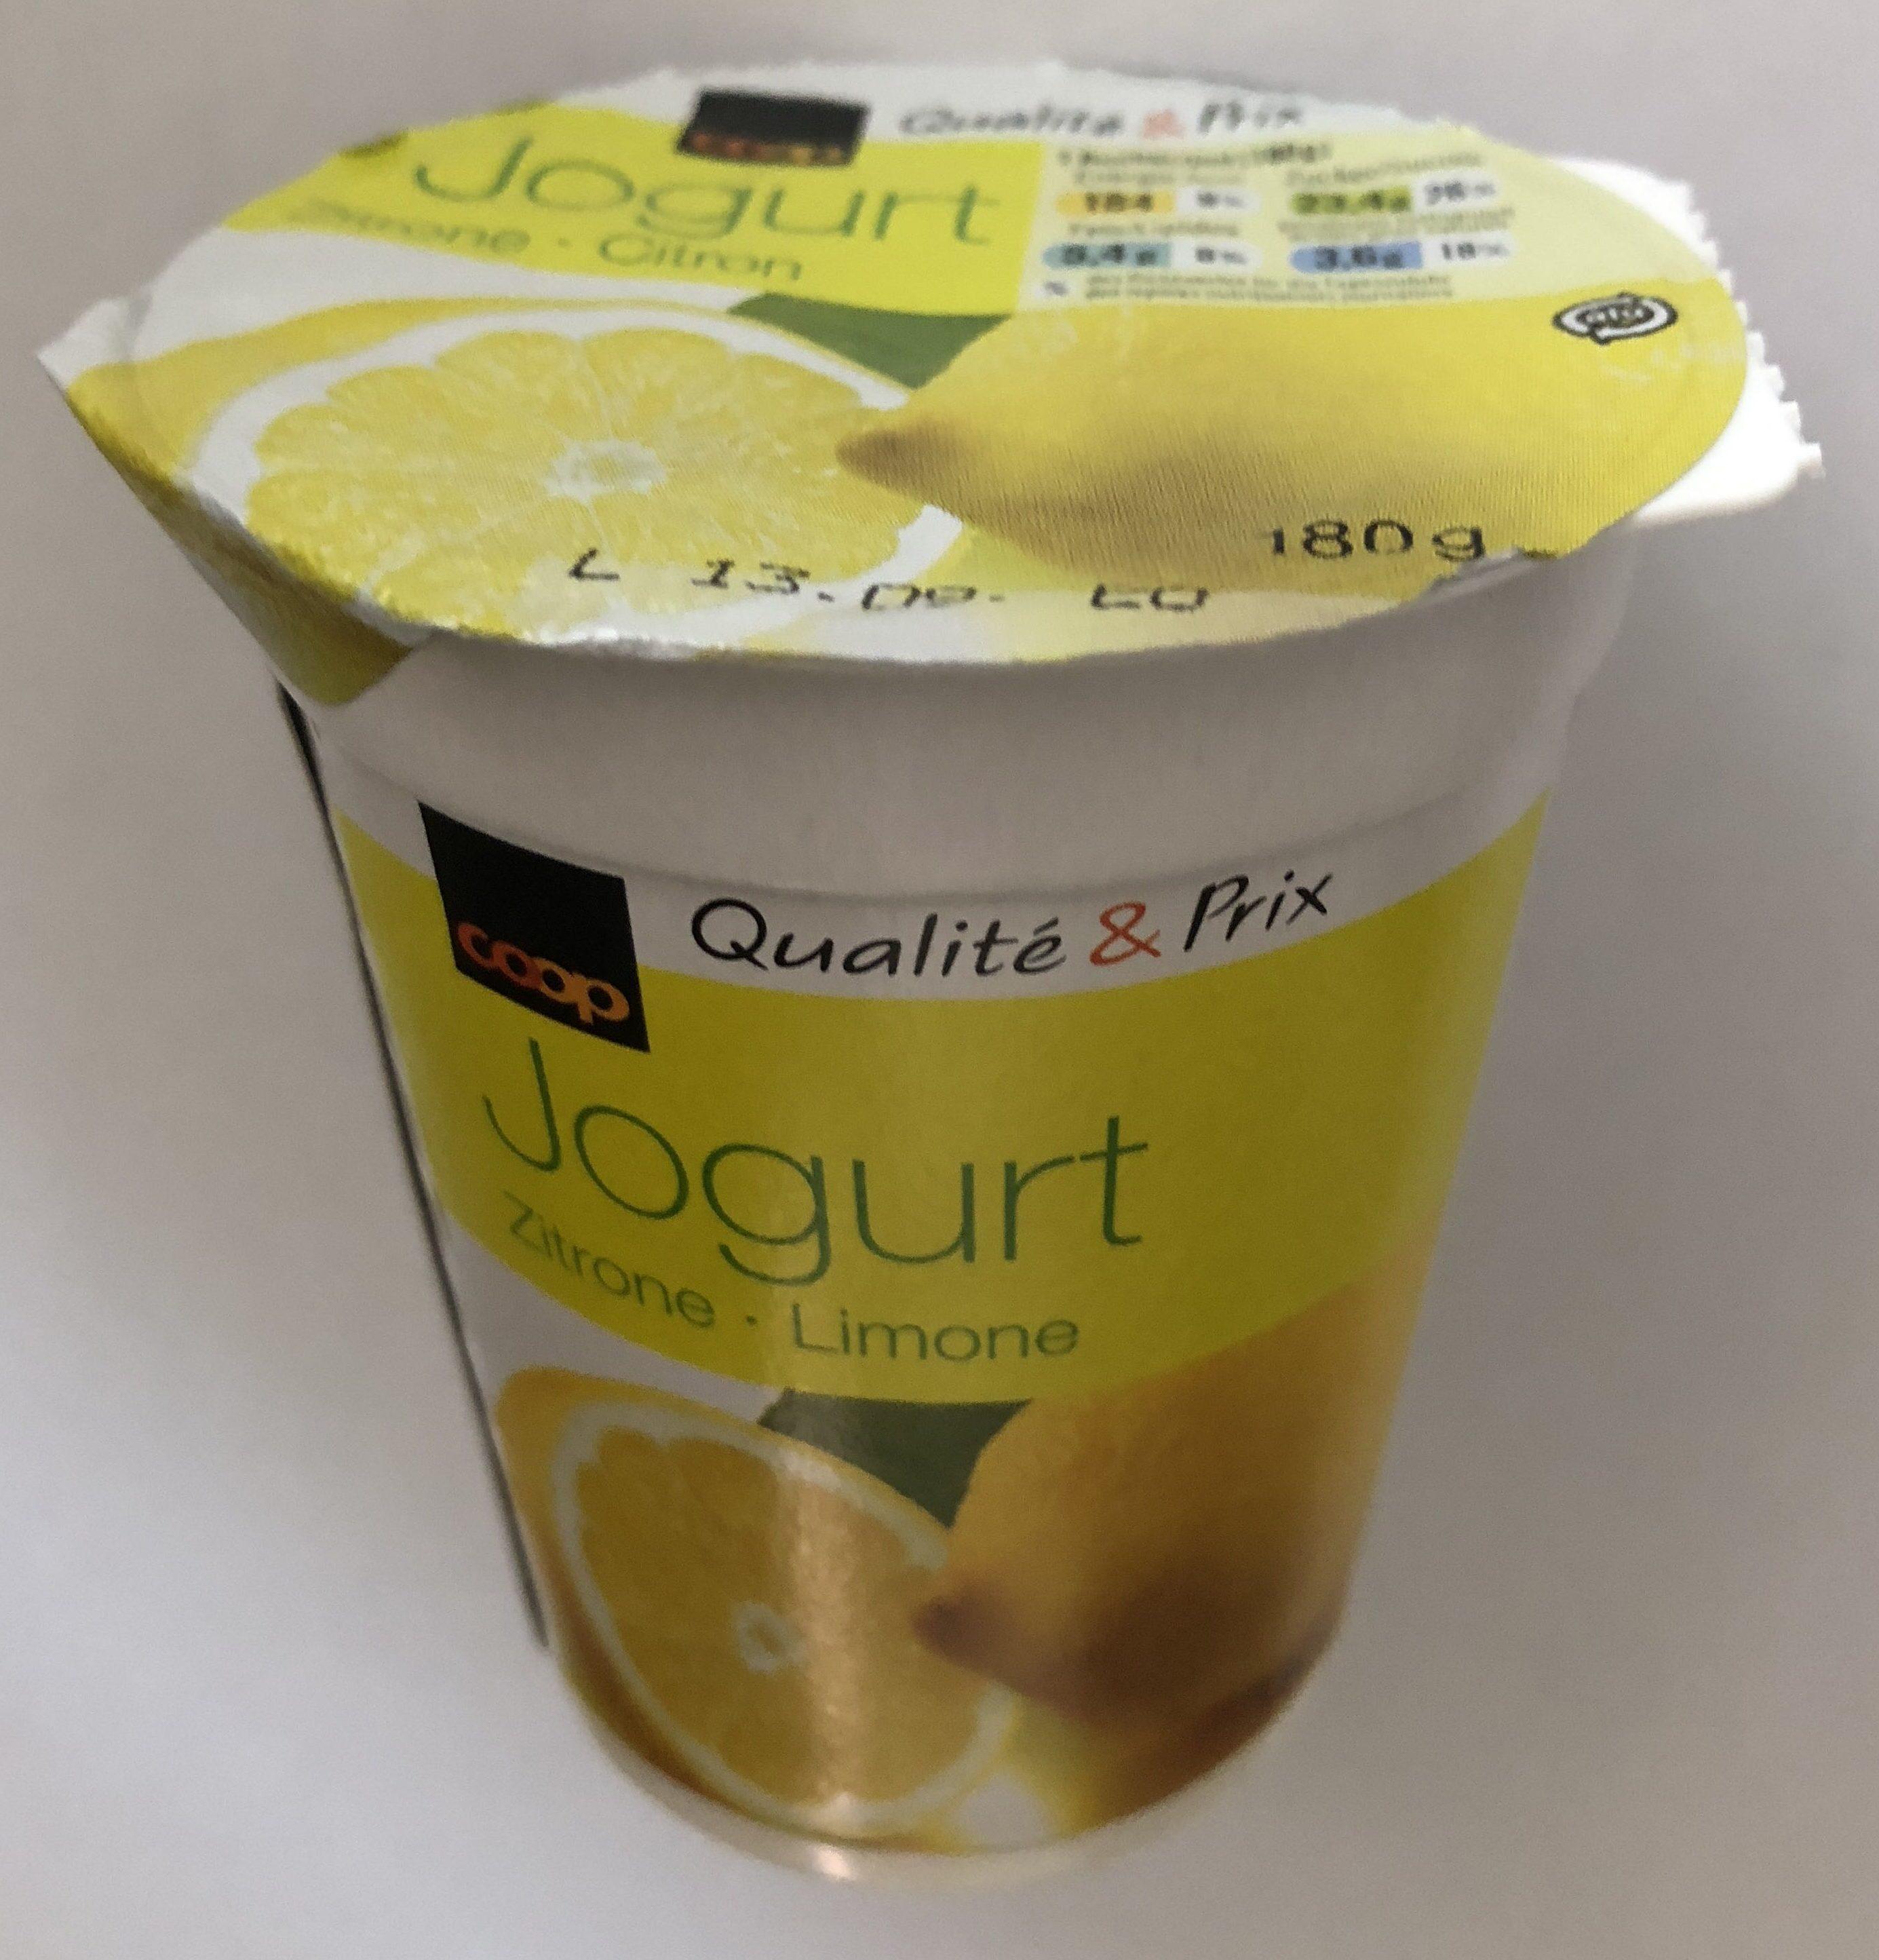 Yougurt au citron - Produit